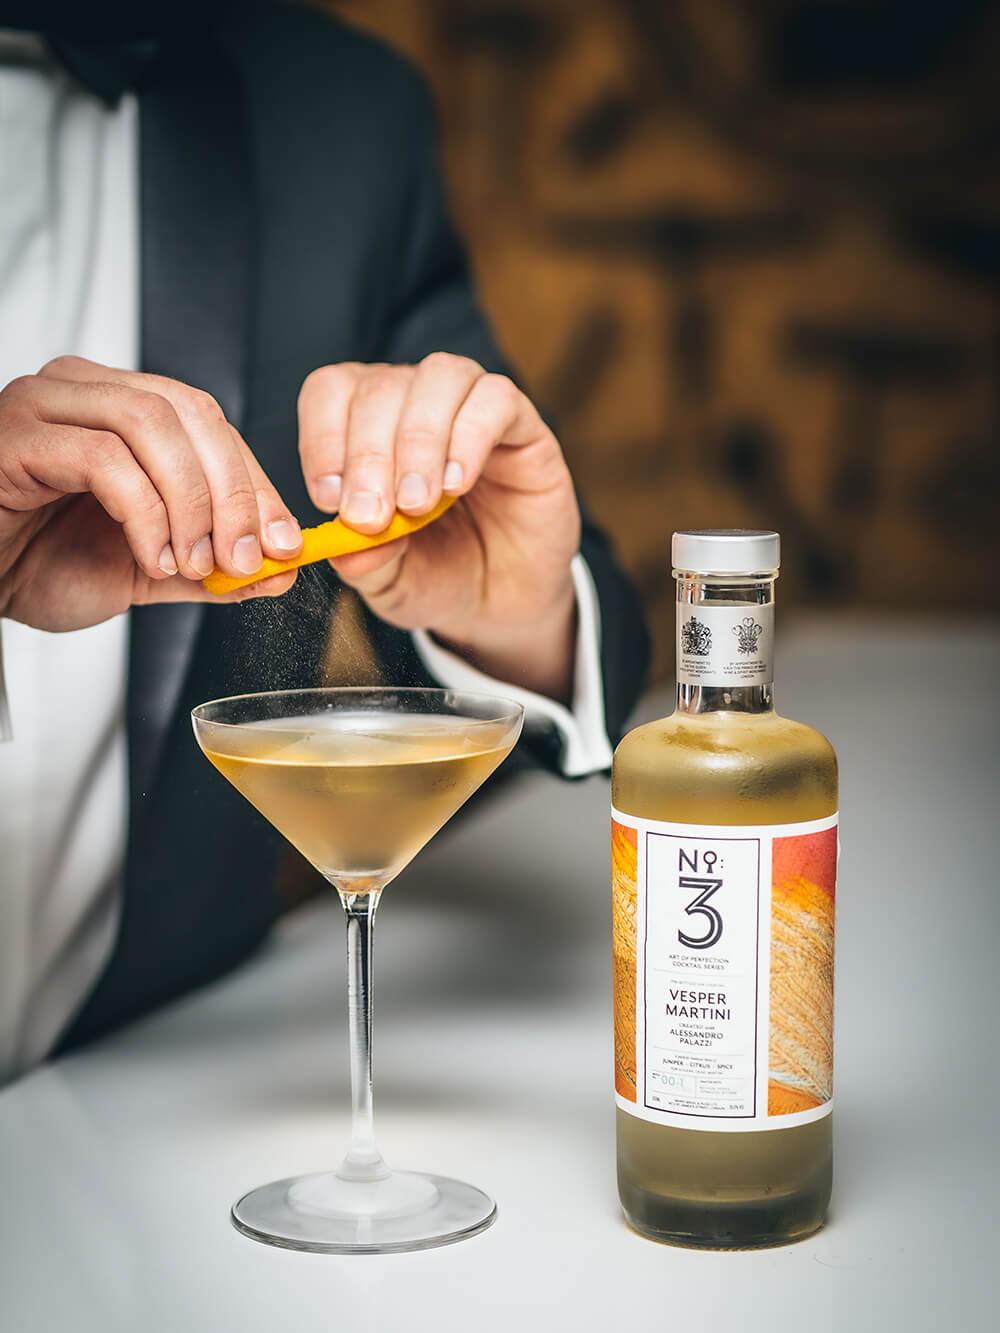 No.3 Vesper Martini